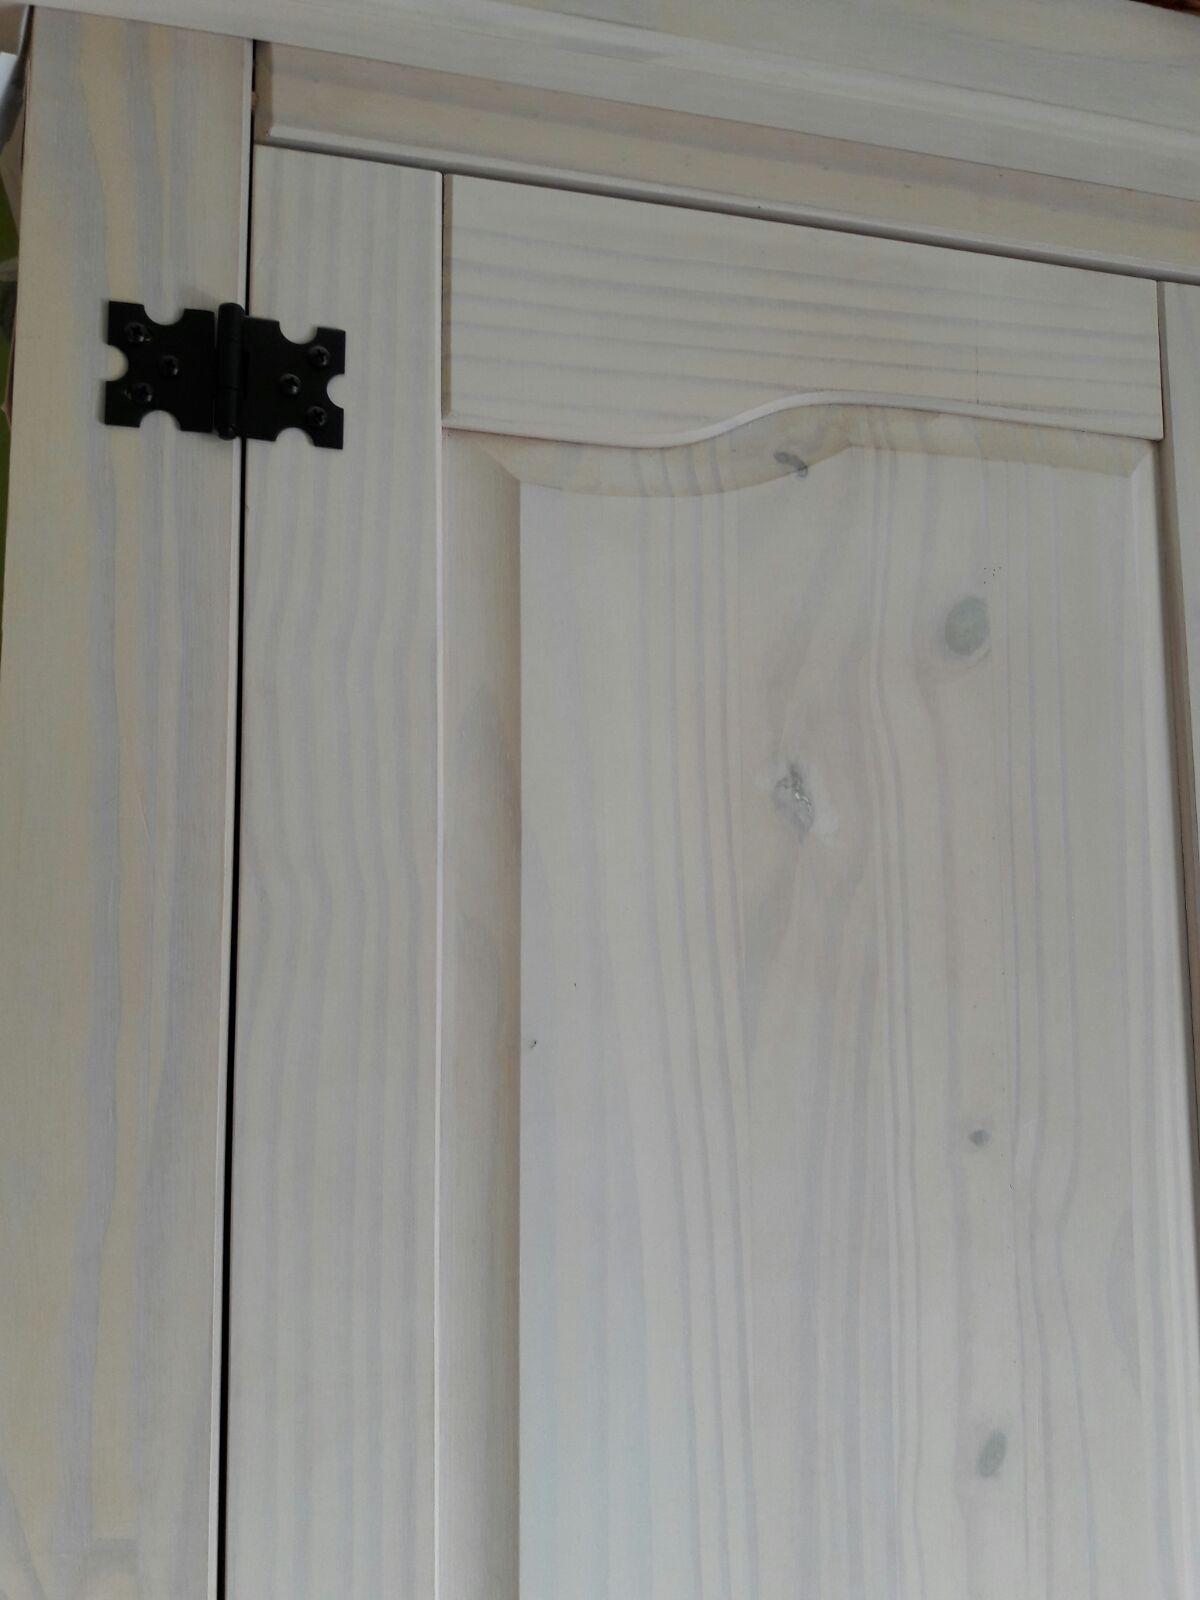 Todos Nuestros Muebles Los Podemos Acabar En Nuestro Famoso Blanco  # Muebles Famosos